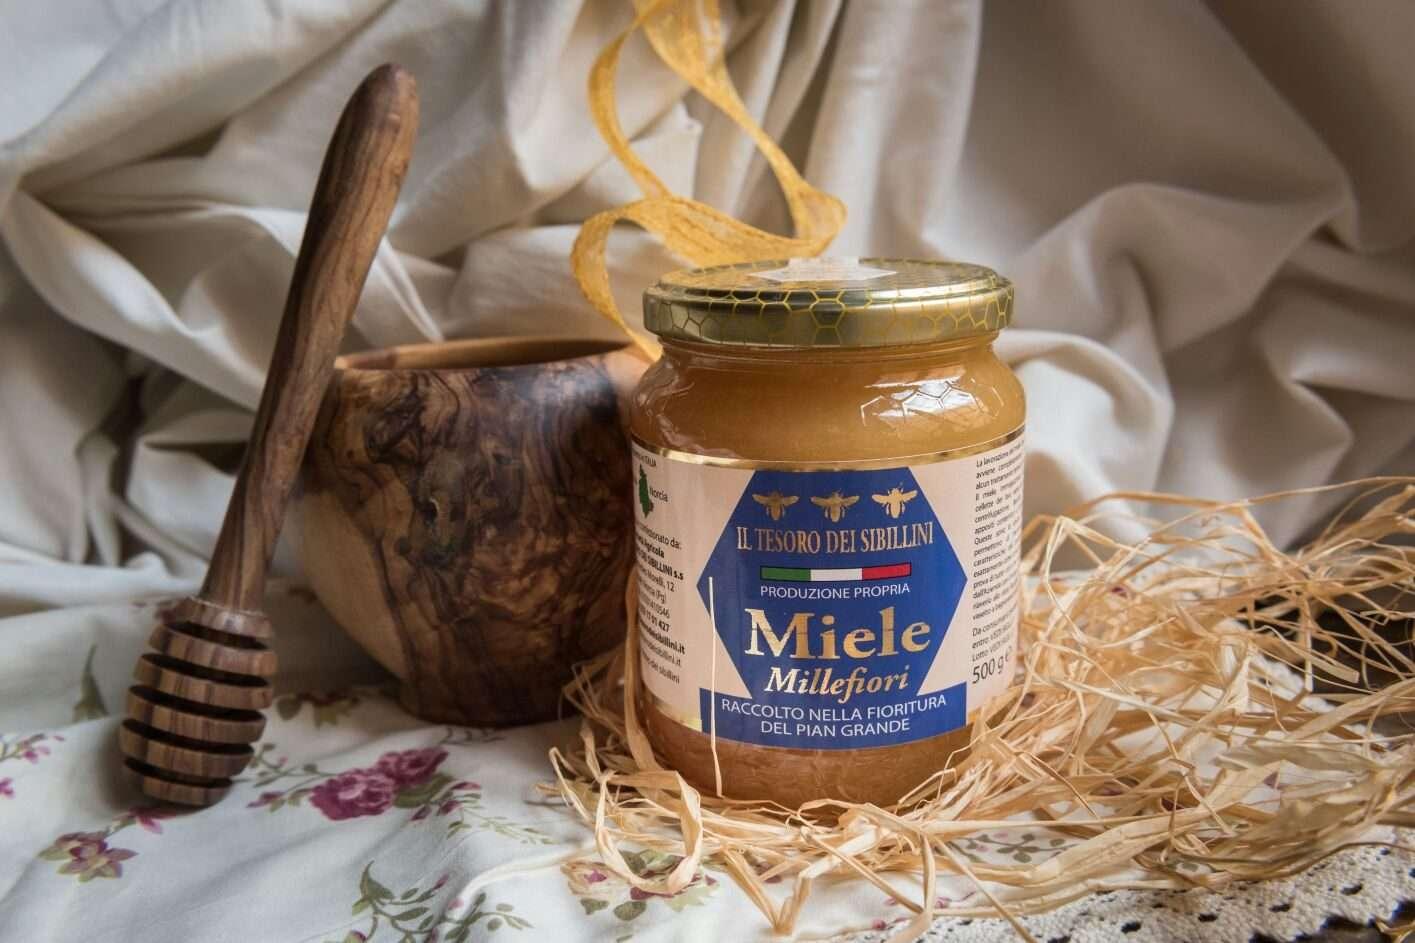 miele millefiori di Castelluccio di Norcia